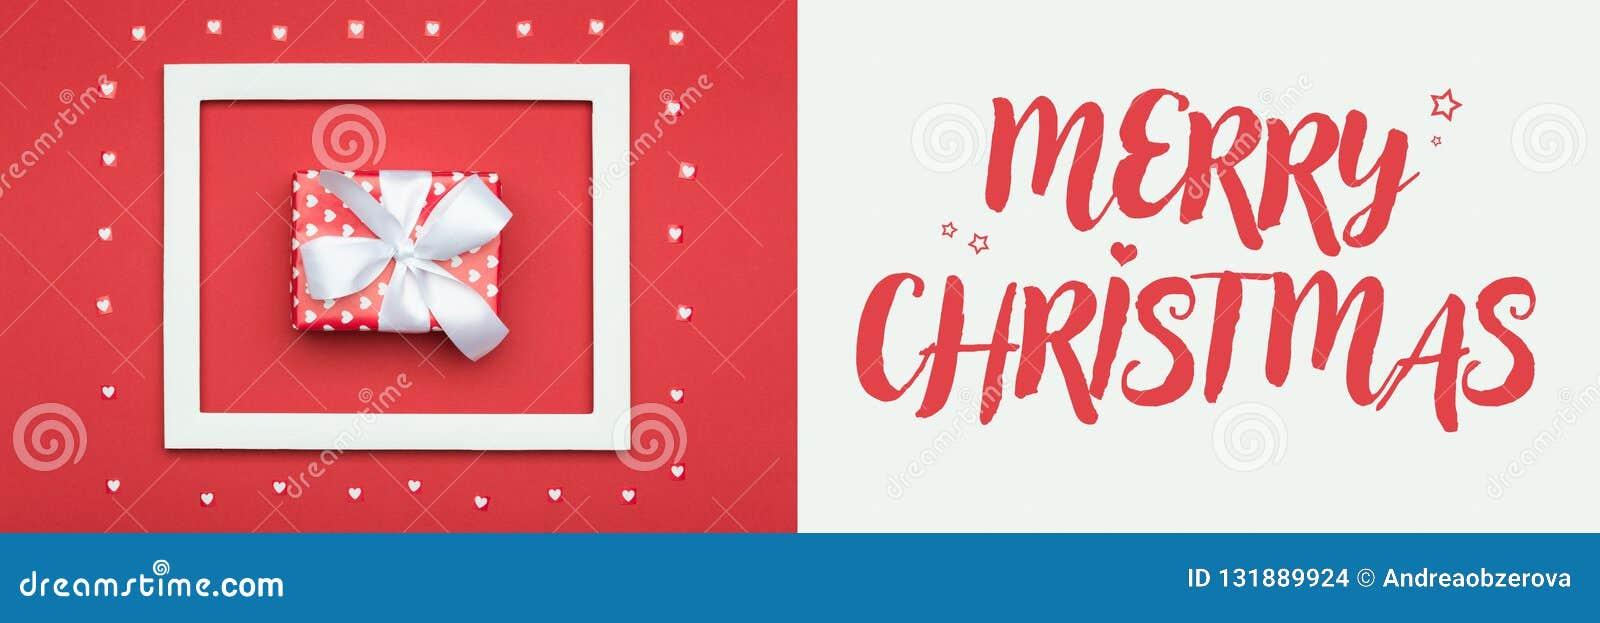 Vektor för illustration för banerjul eps10 Röd och vit festlig bakgrund för vinterferier beautifully presenterar julen slåget in